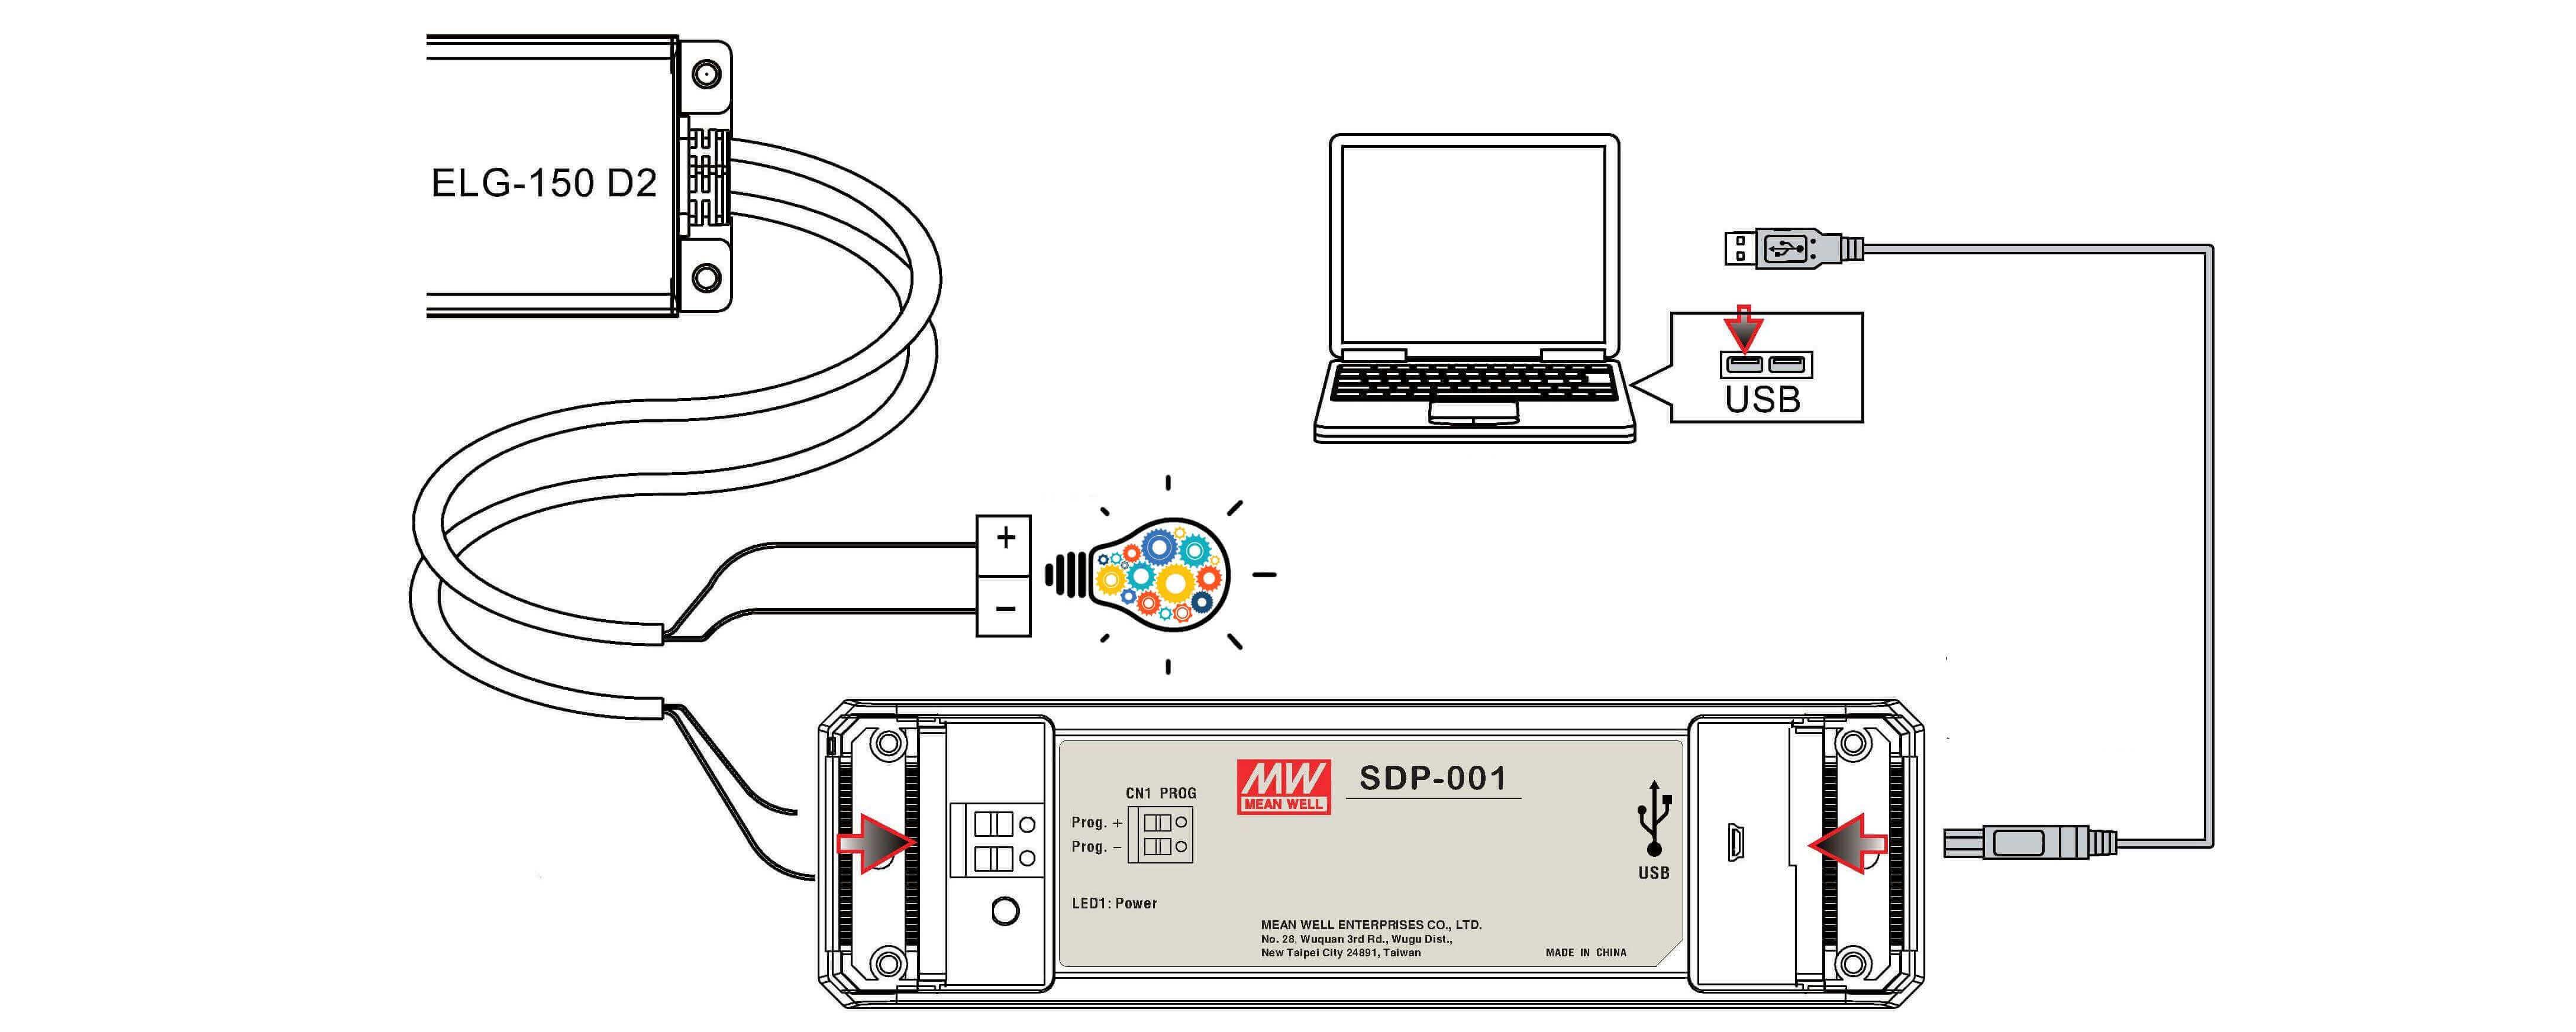 Схематическое изображение подключения устройств для программирования источника питания с интеллектуальным диммингом